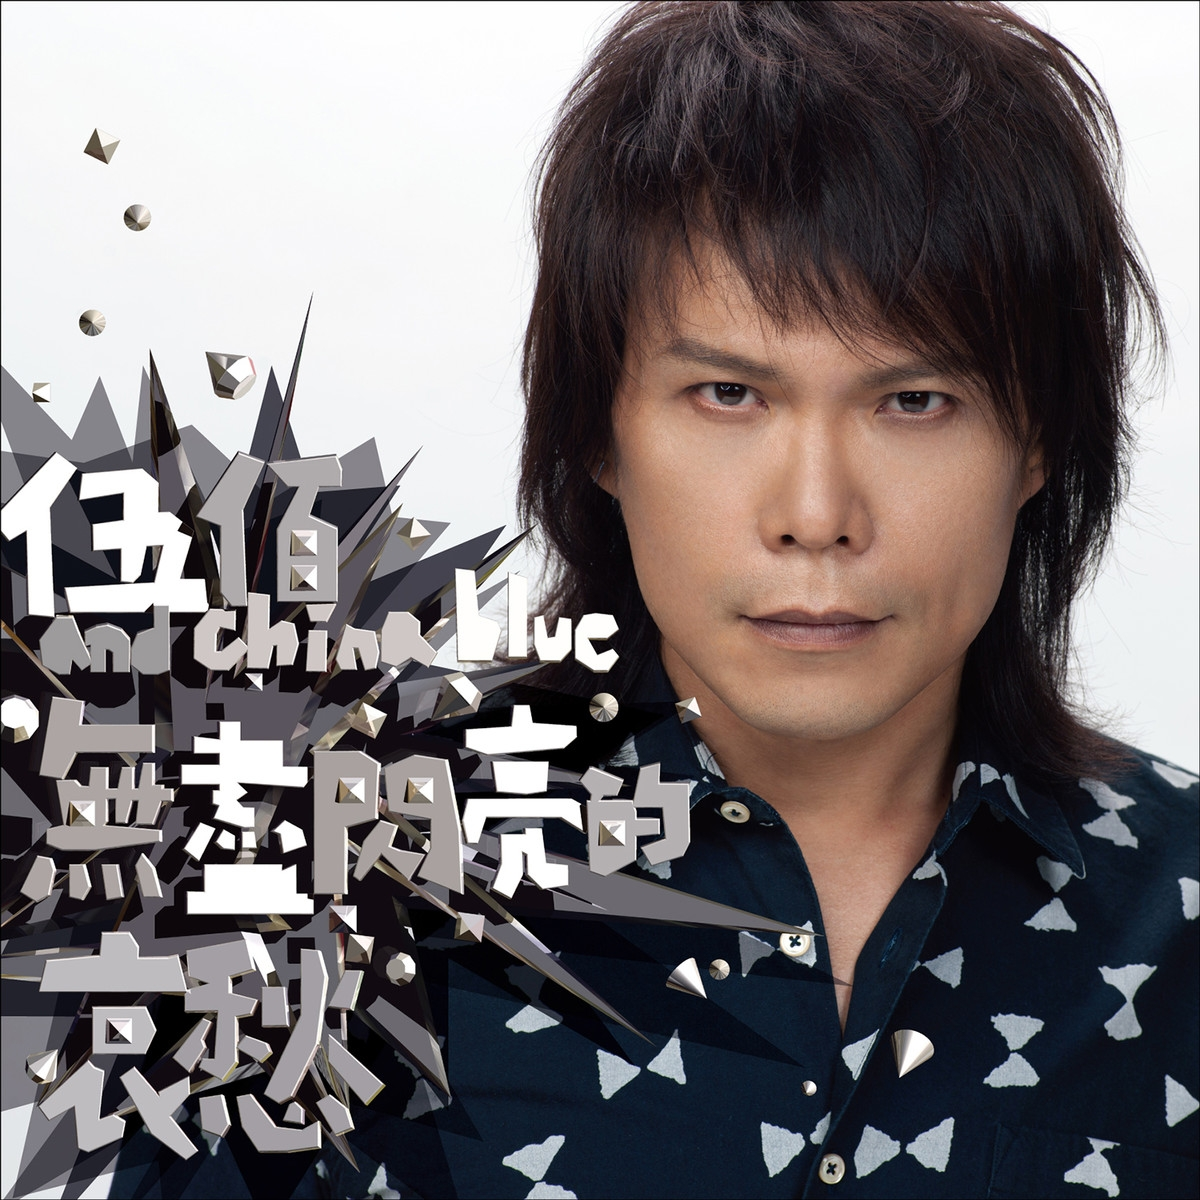 伍佰&China Blue - 无尽闪亮的哀愁[2013]320K_mp3bst.com